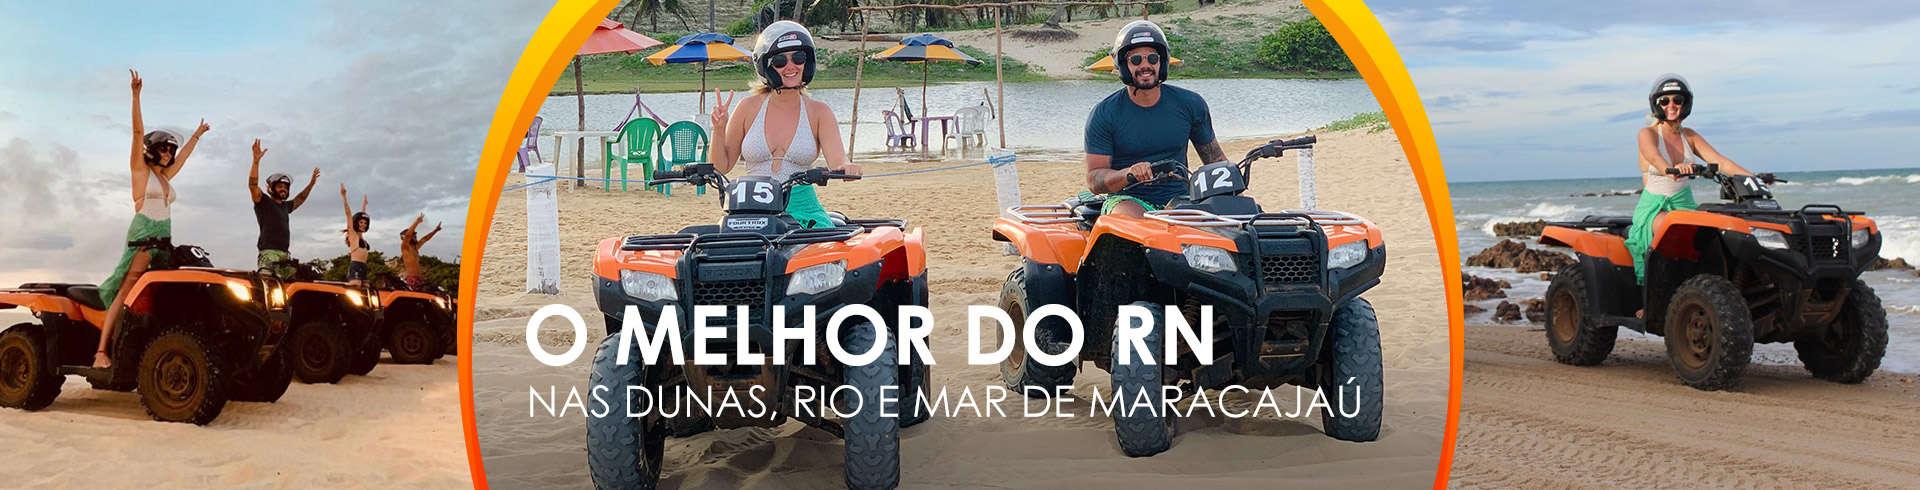 Quadriciclo em Maracajaú